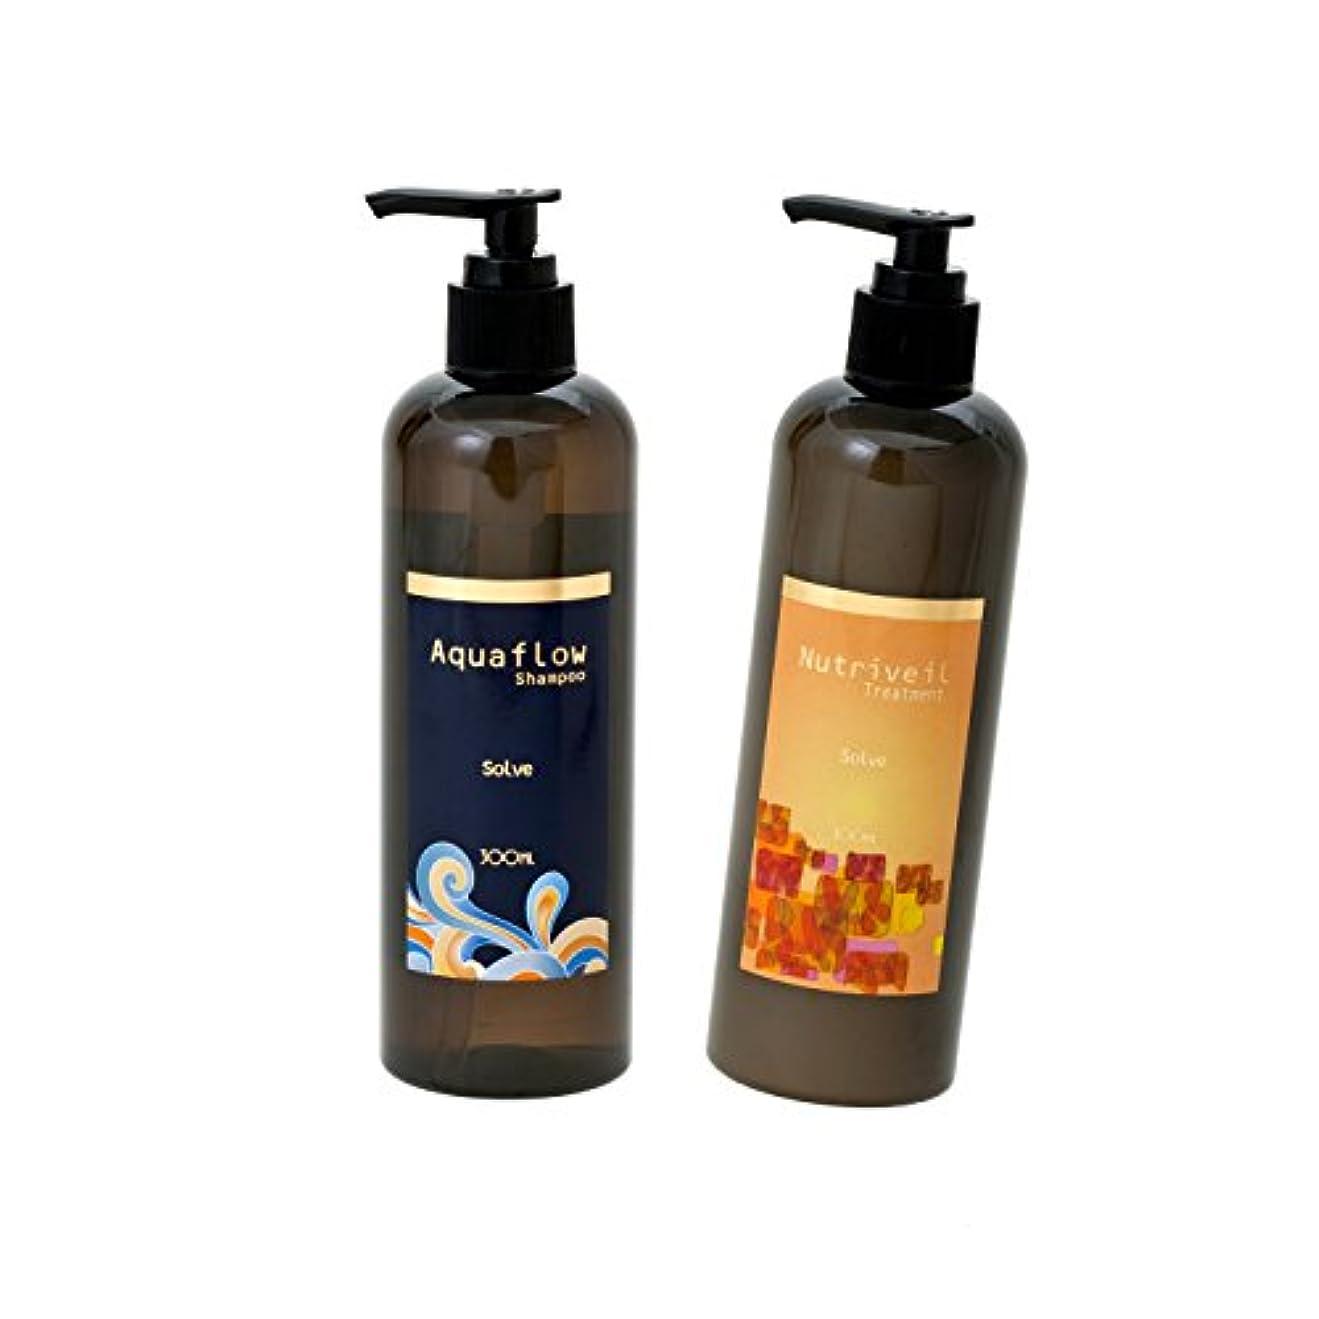 英語の授業がありますコテージ定常縮毛矯正した髪を栄養そのもので洗うsolve|ソルブシャンプー「Aquaflow_アクアフロー」ソルブトリートメント「Nutriveil_ニュートリヴェール」セット|カラーの繰り返しで大きくダメージした髪のケアにも。 (300ml_set)